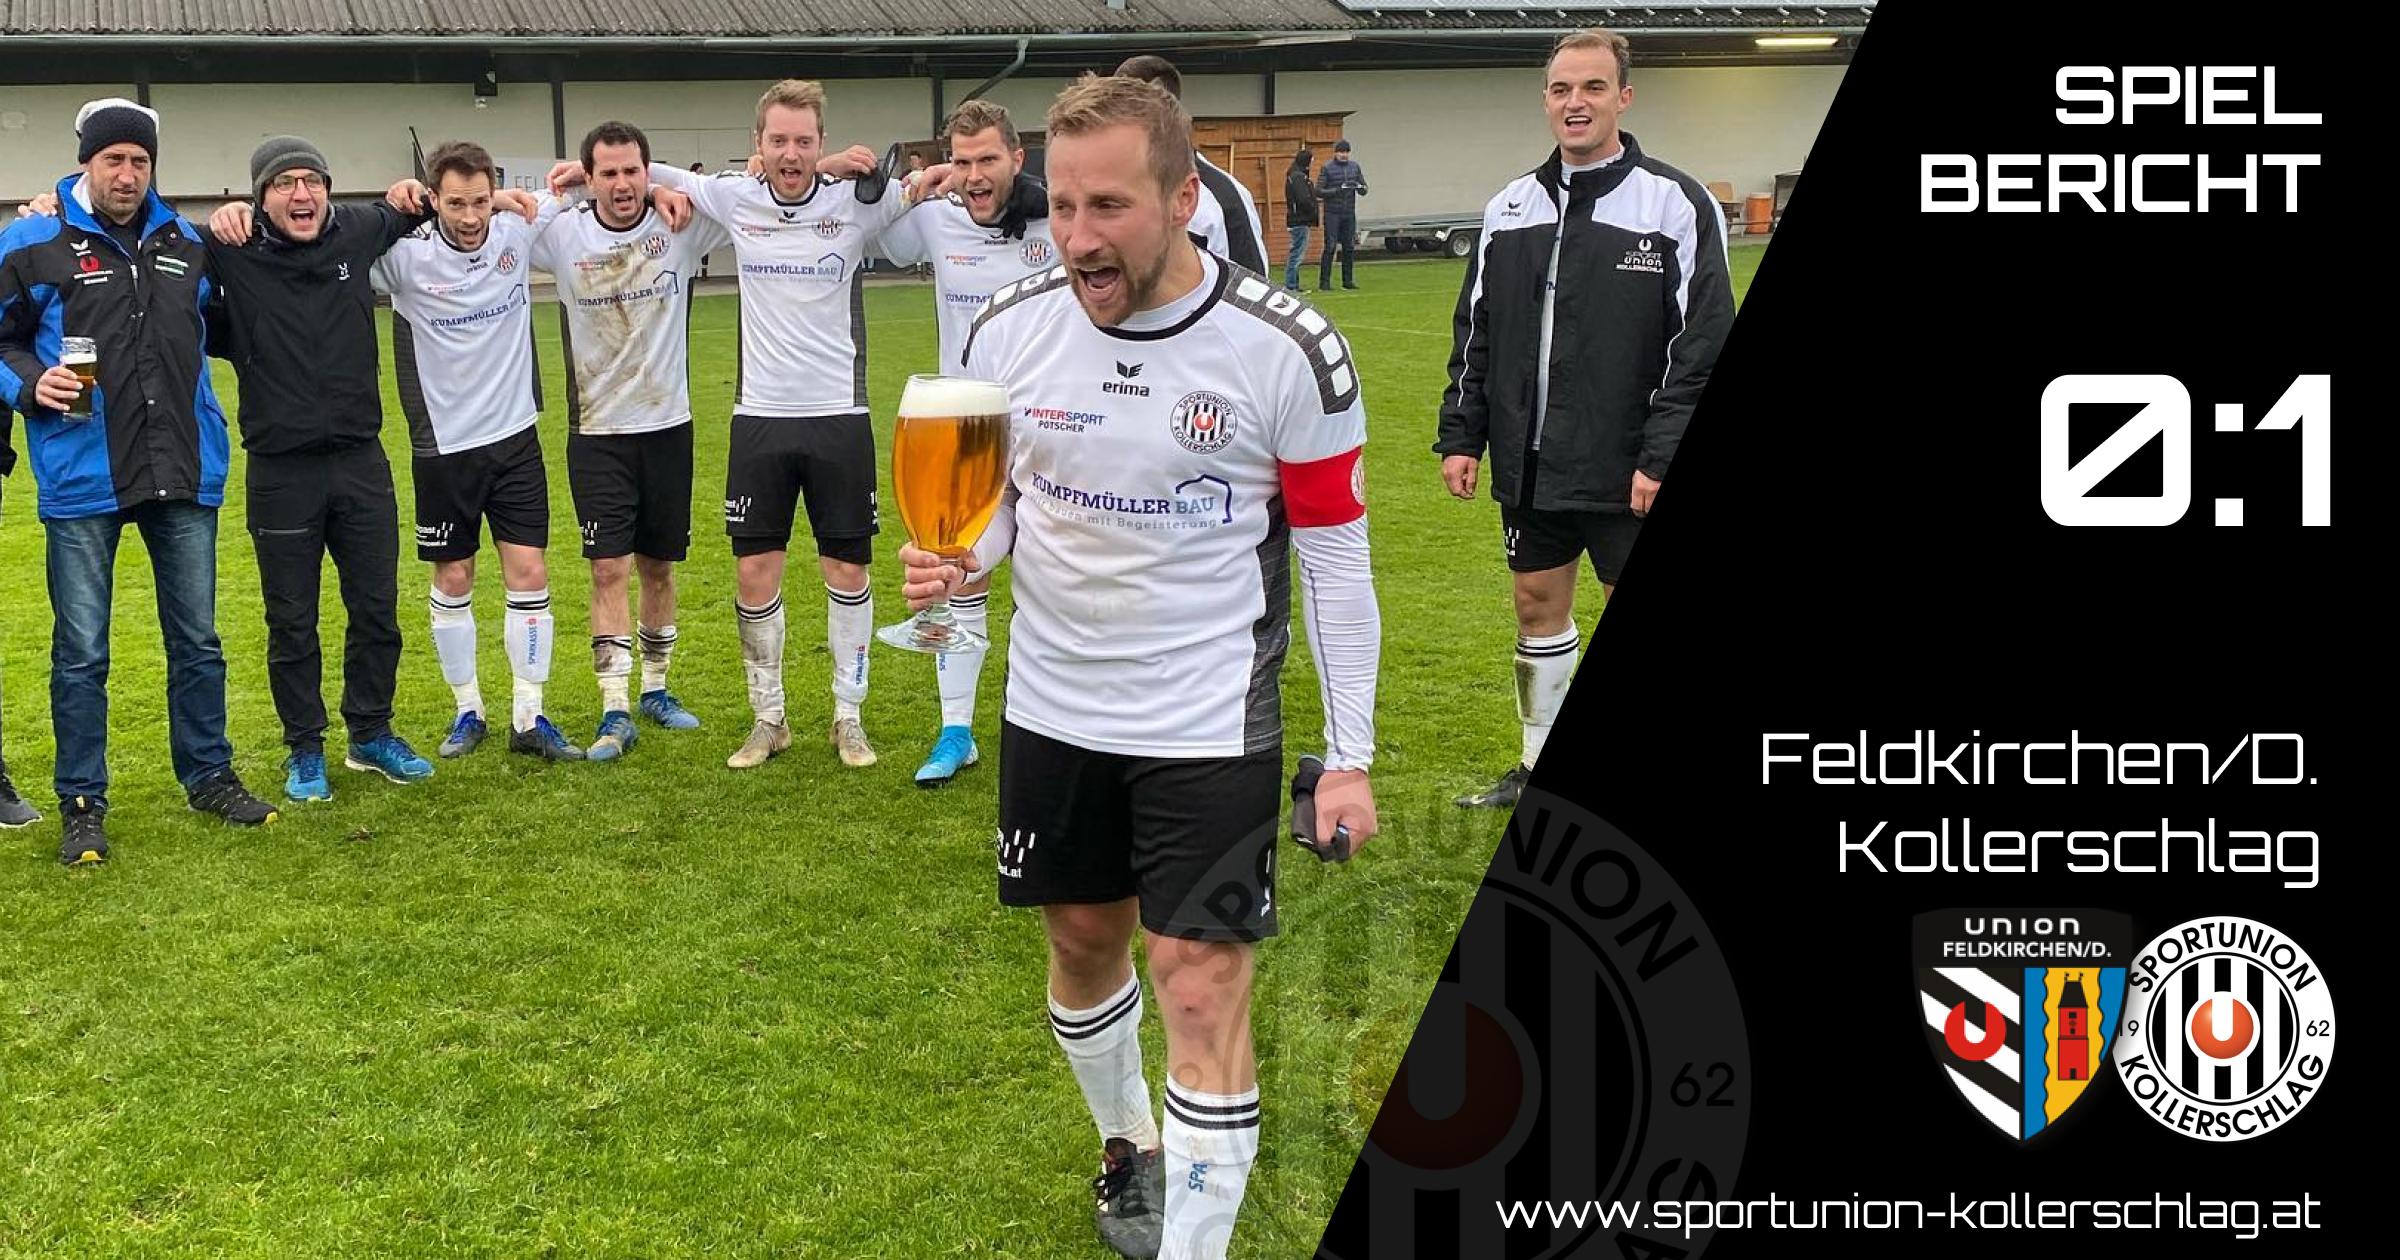 Wichtiger 1:0 Erfolg in Feldkirchen/D.